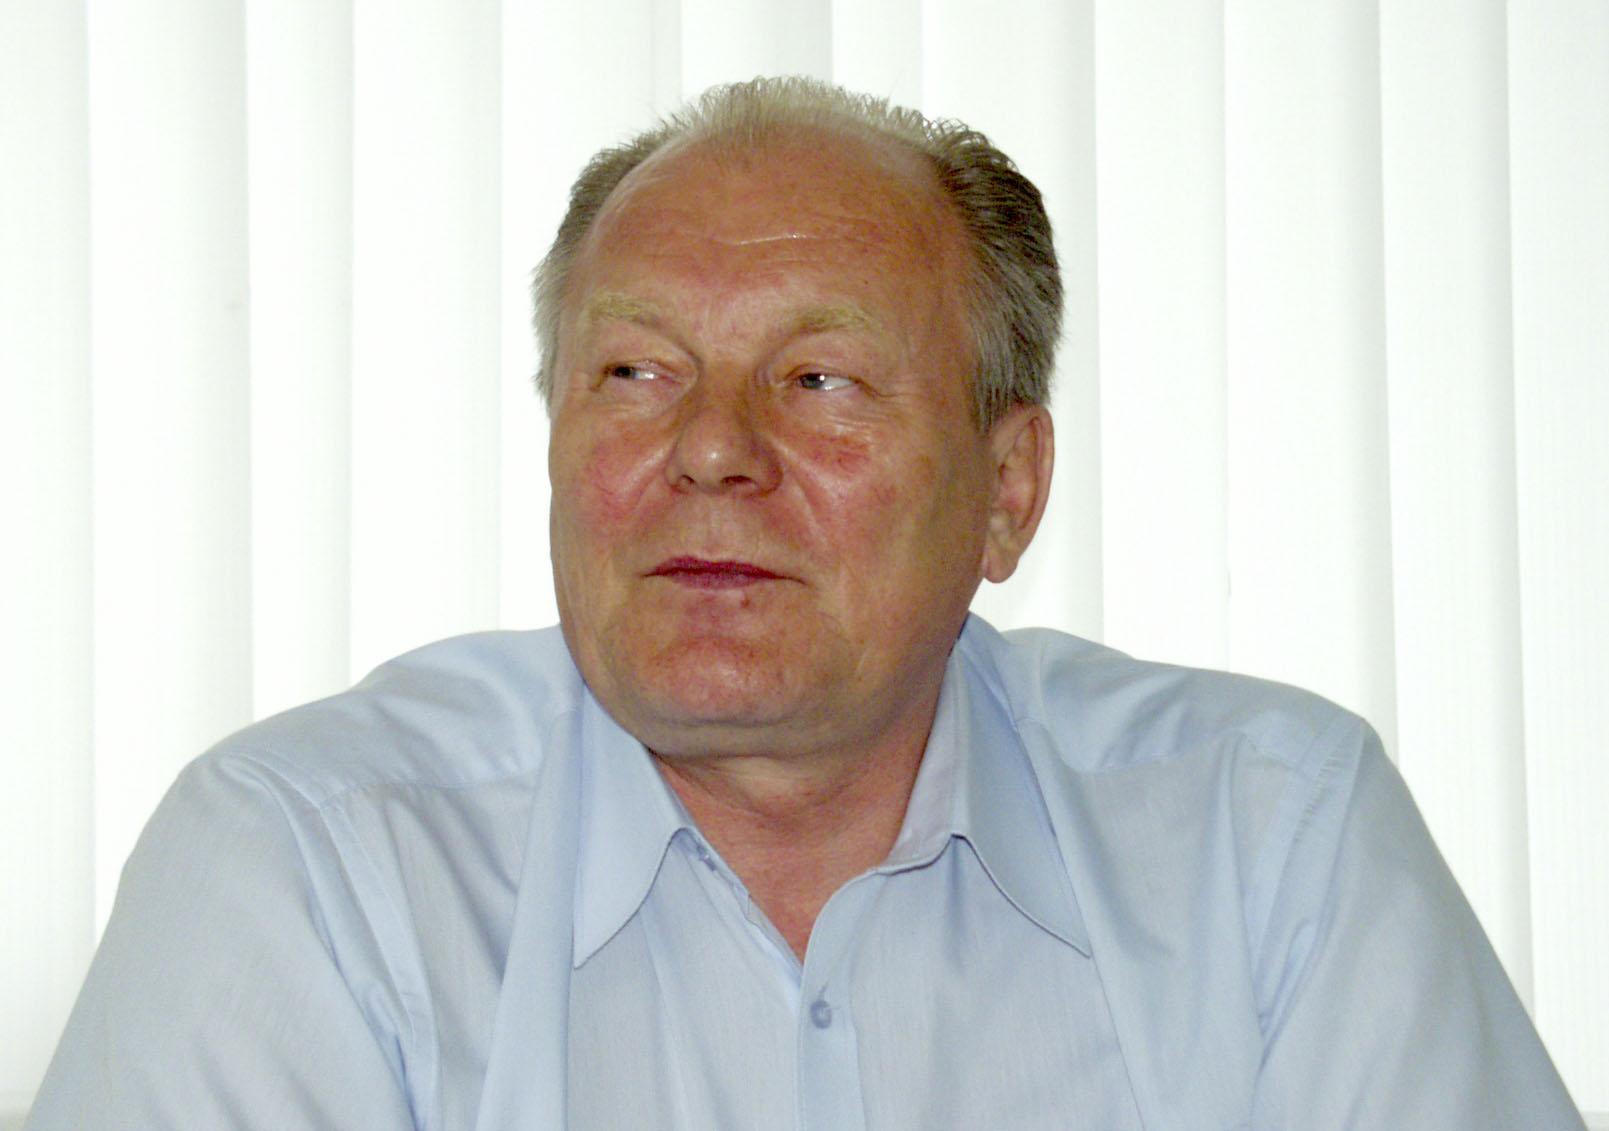 Дело экс-руководителя Вологодской области Николая Подгорнова передано в суд